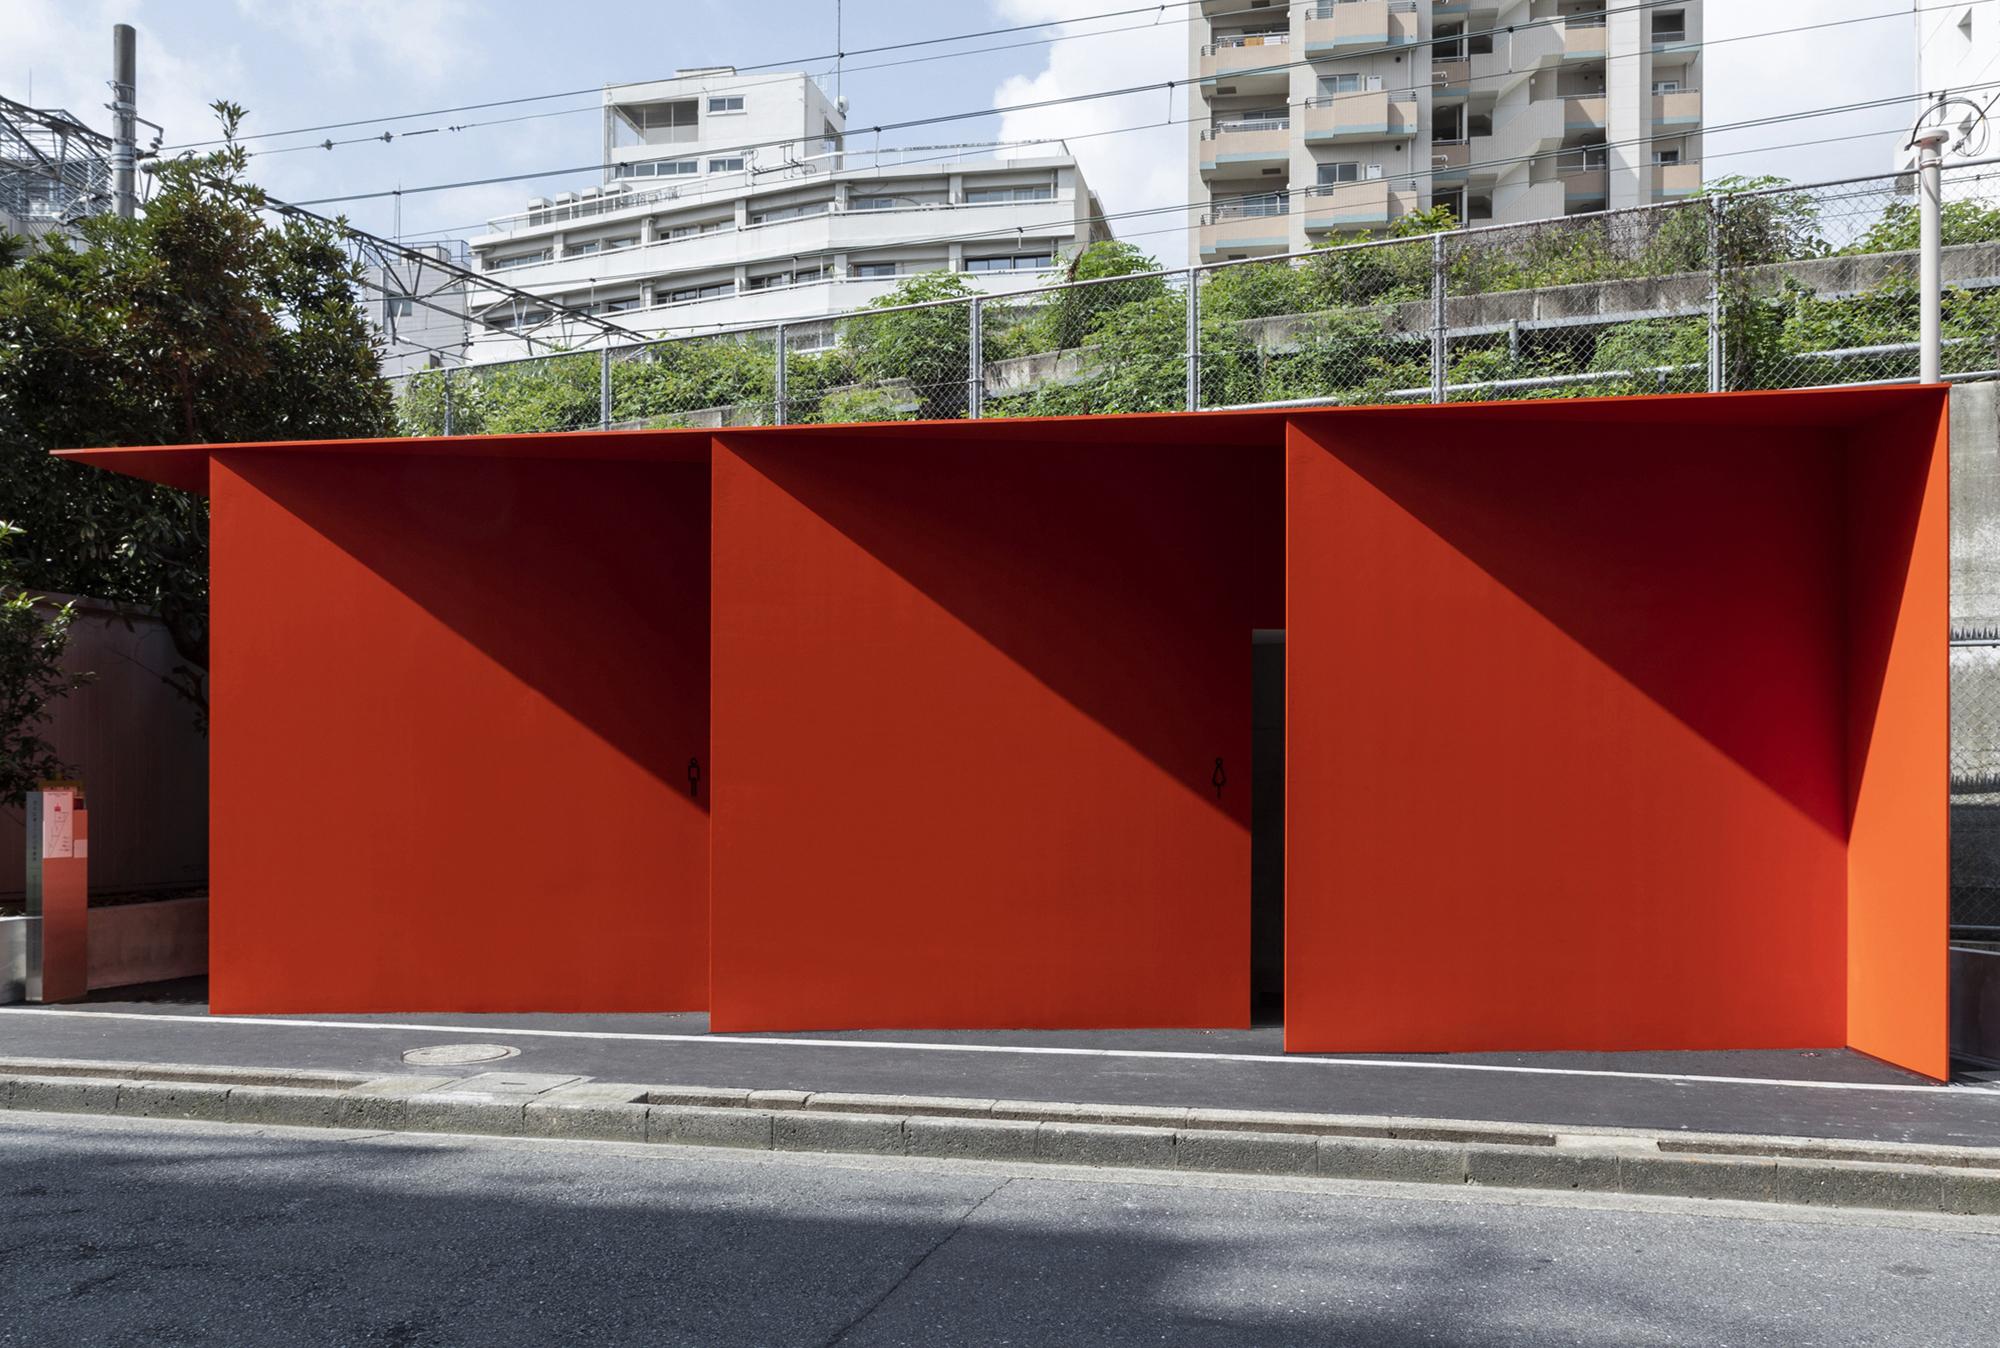 The Tokyo Toiletan der Higashi Sanchome Straßenbahnhaltestelle von Nao Tamura. Foto: Satoshi Nagare / The Nippon Foundation